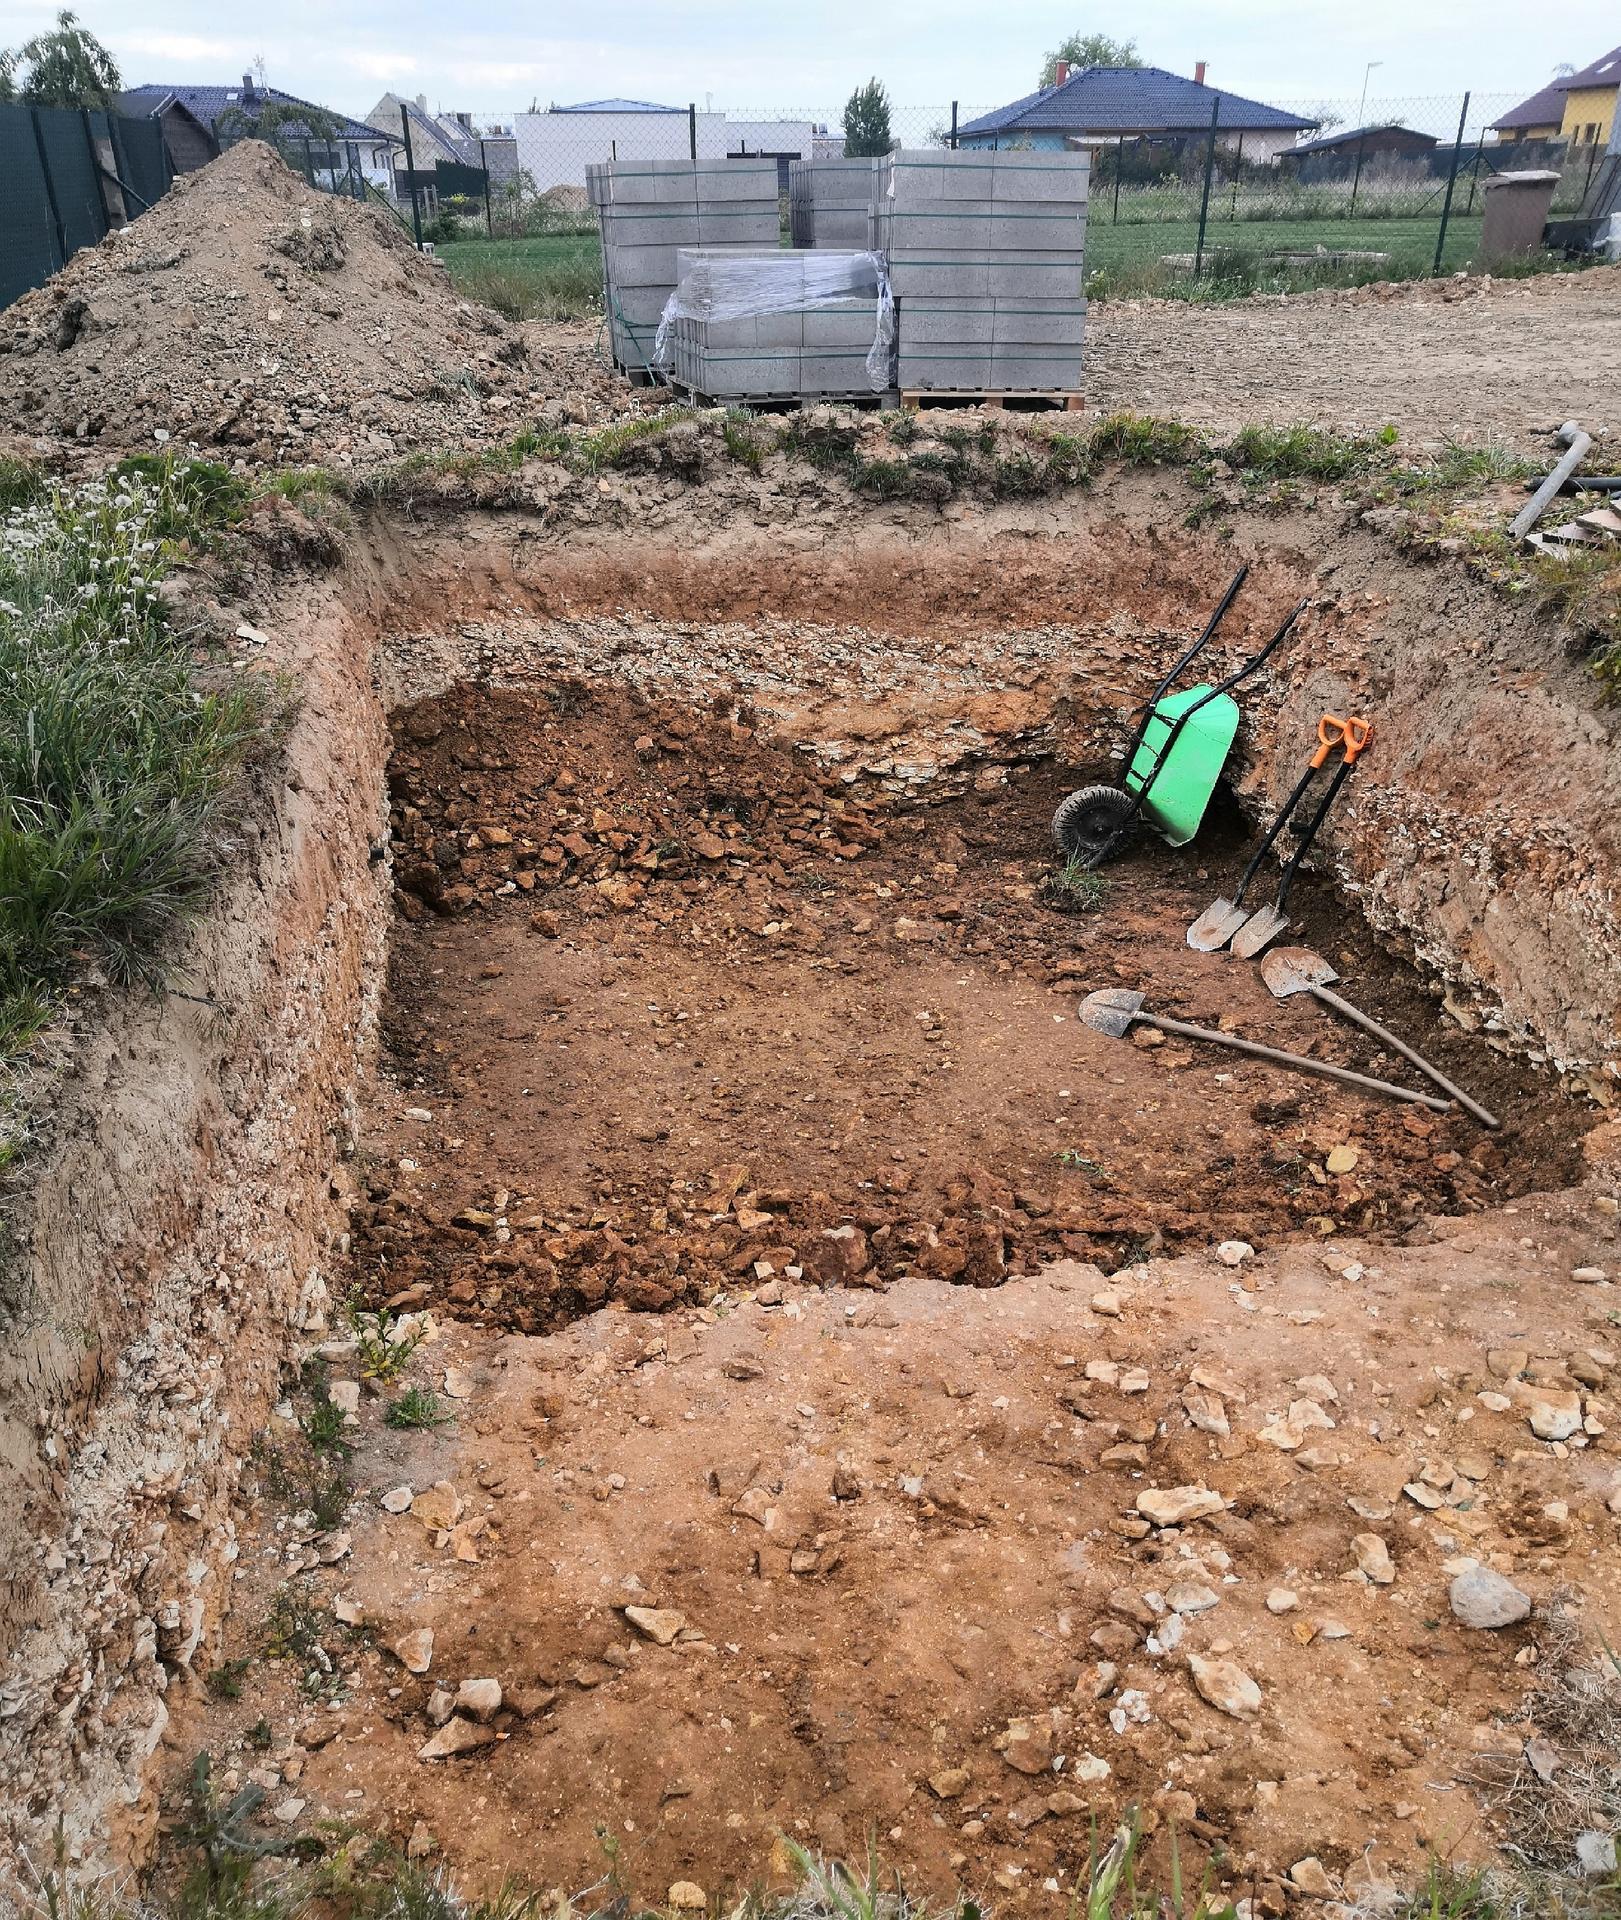 Zahrada na klíč - 15.5.2020 Dělníci si připravují základ, aby mohlo nastoupit betonování a stavění ztraceného bednění.